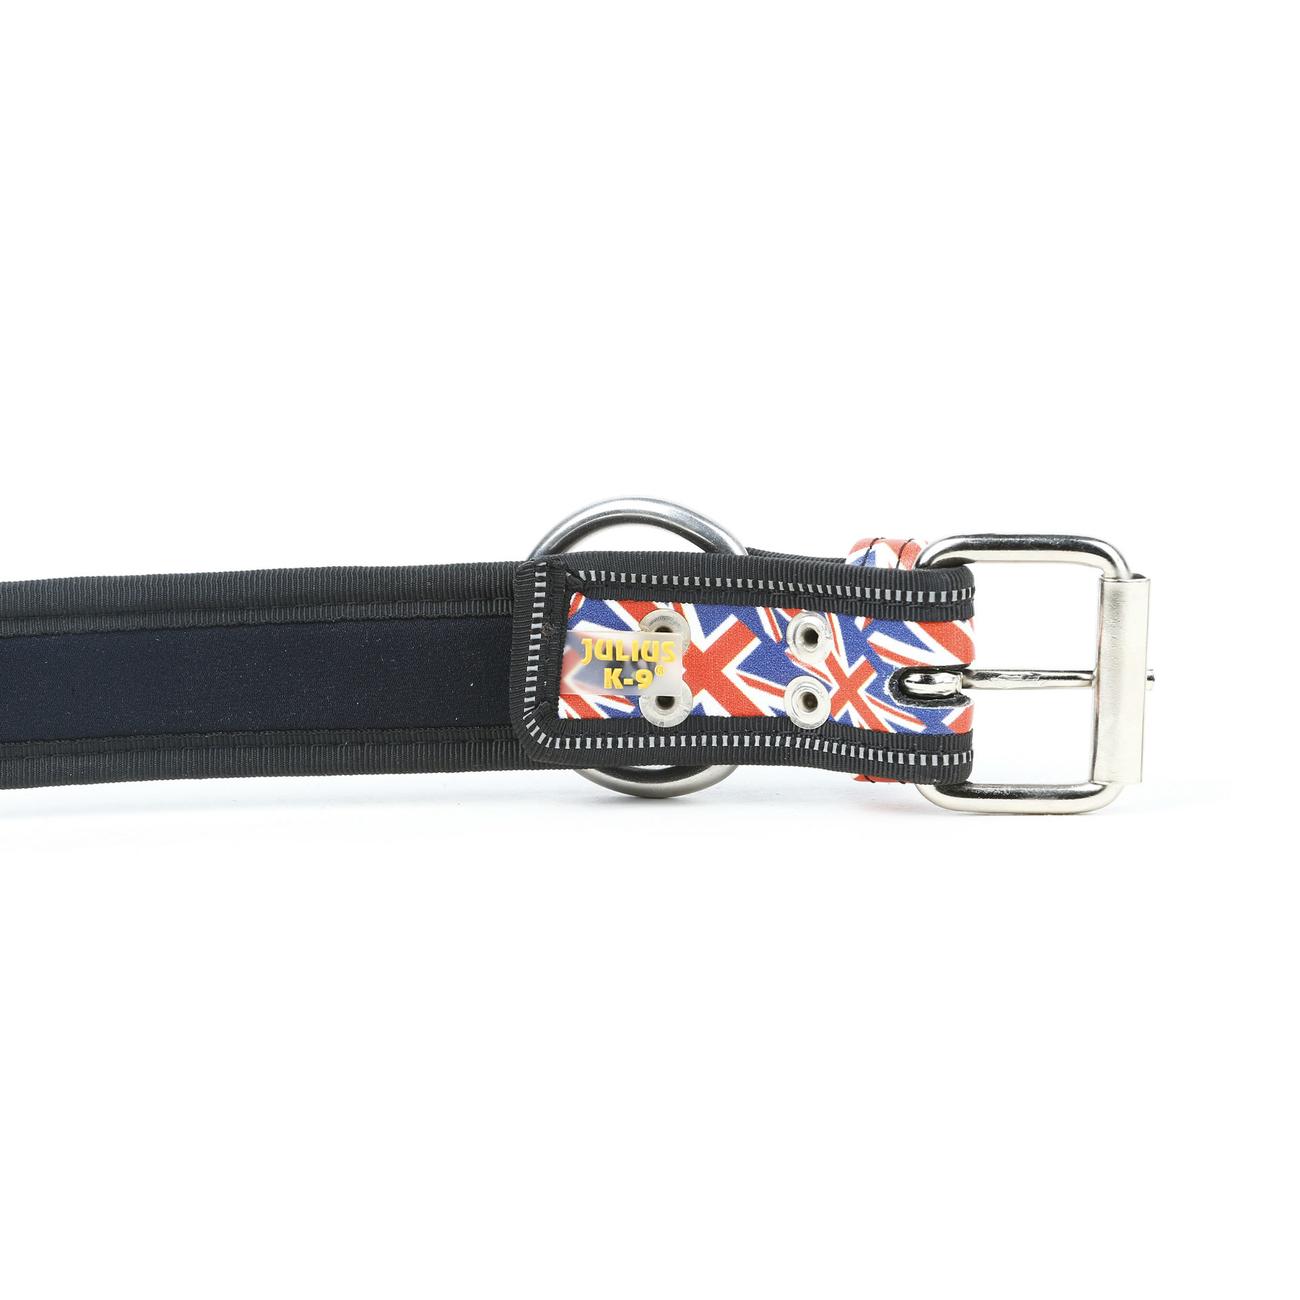 Julius K9 K9® Flaggenhalsband britisch, Bild 8